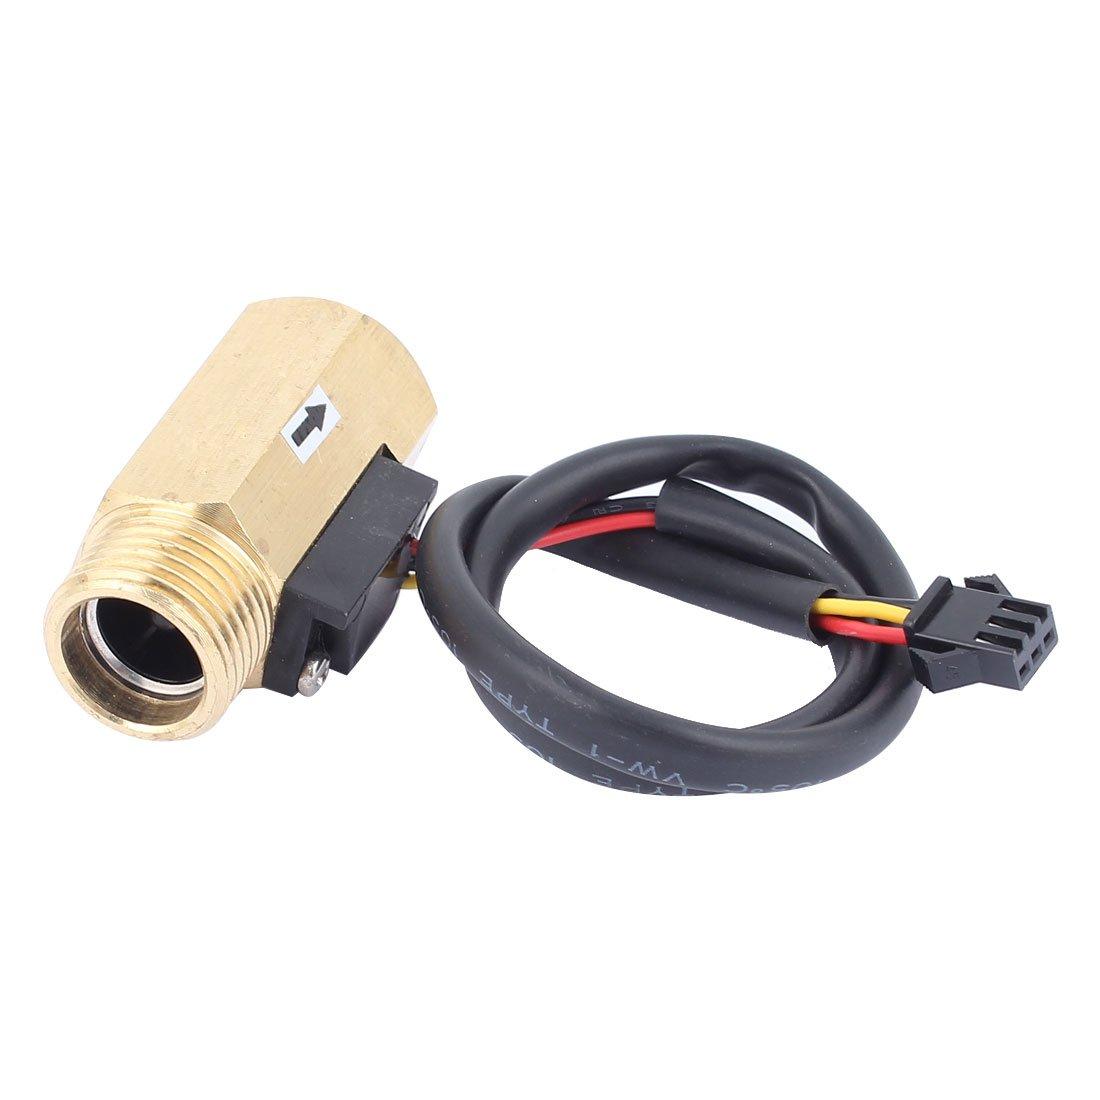 Uxcell G1/2'' Thread Hall Effect Liquid Water Flow Sensor Switch Flowmeter Fluidmeter, 1-30L/minute, 50 mm Long